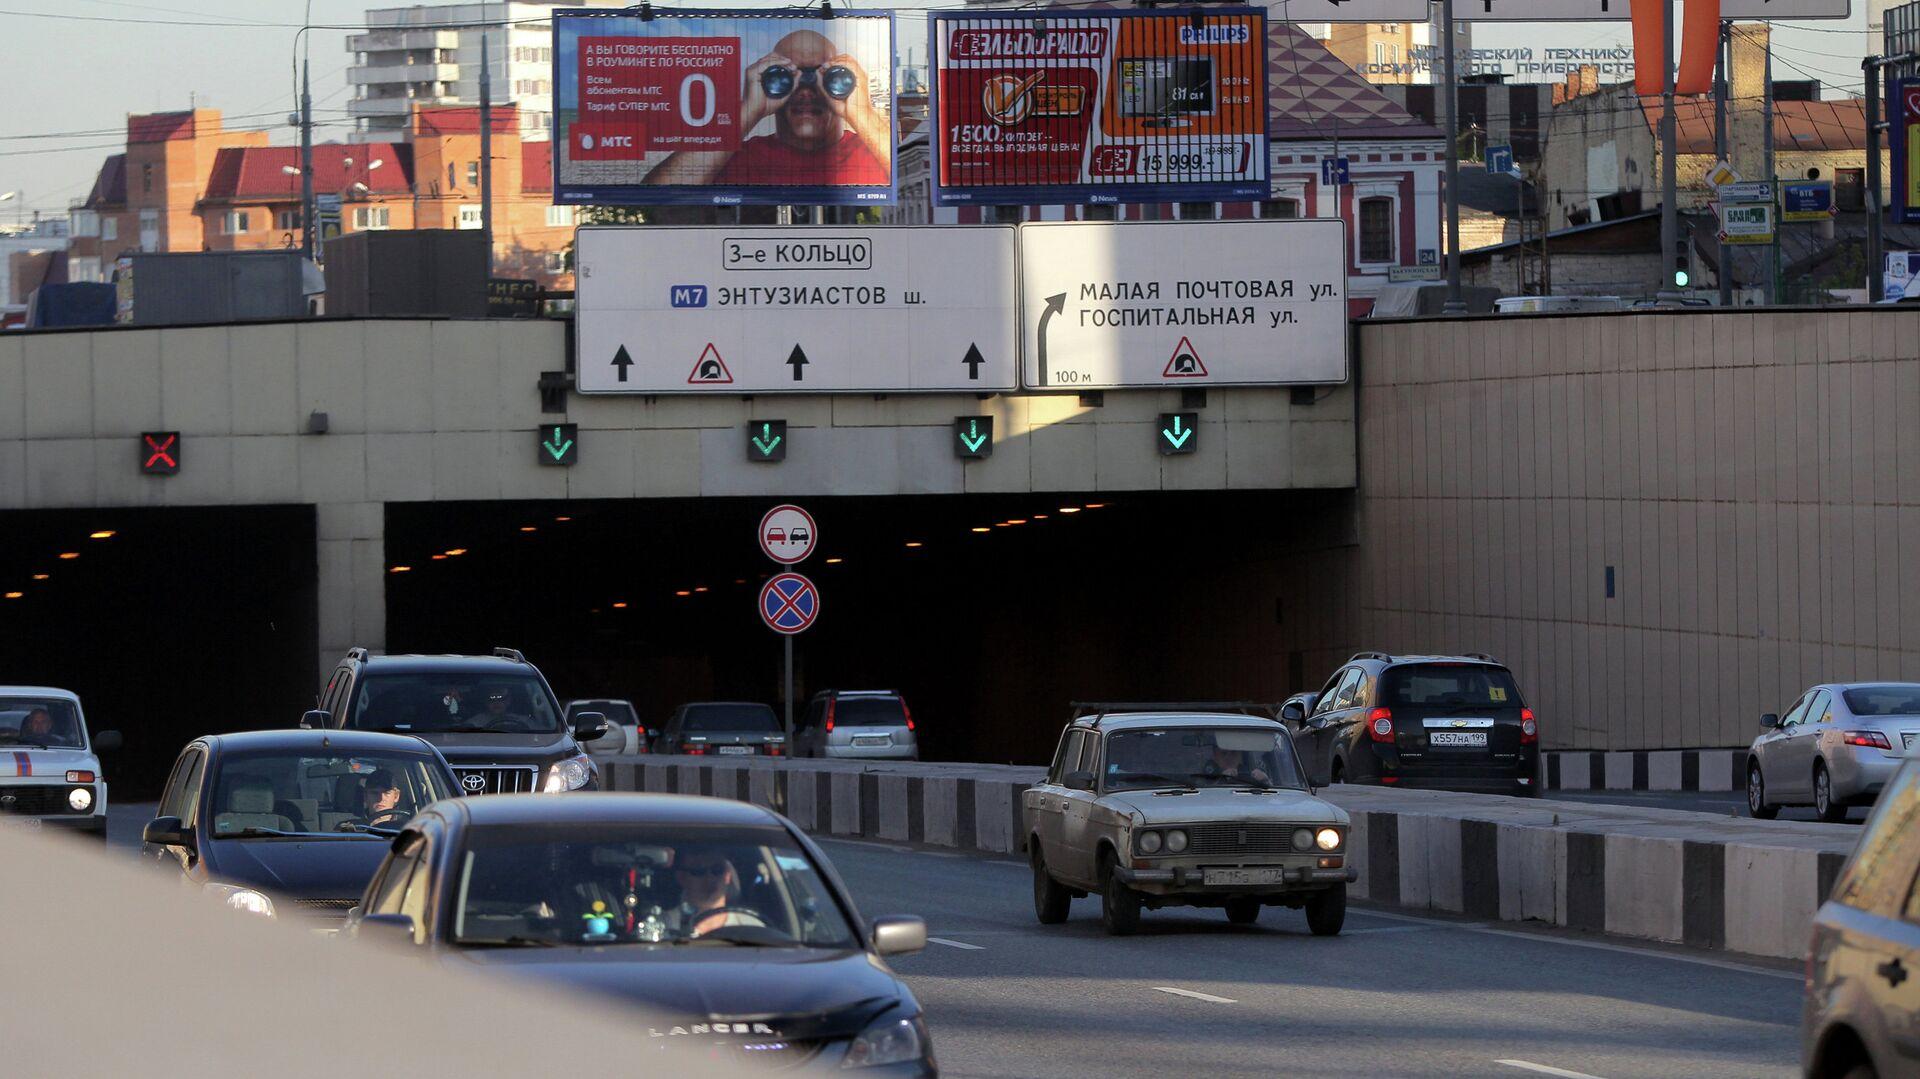 Лефортовский тоннель в Москве будет закрыт для замены асфальта - РИА Новости, 1920, 01.08.2021